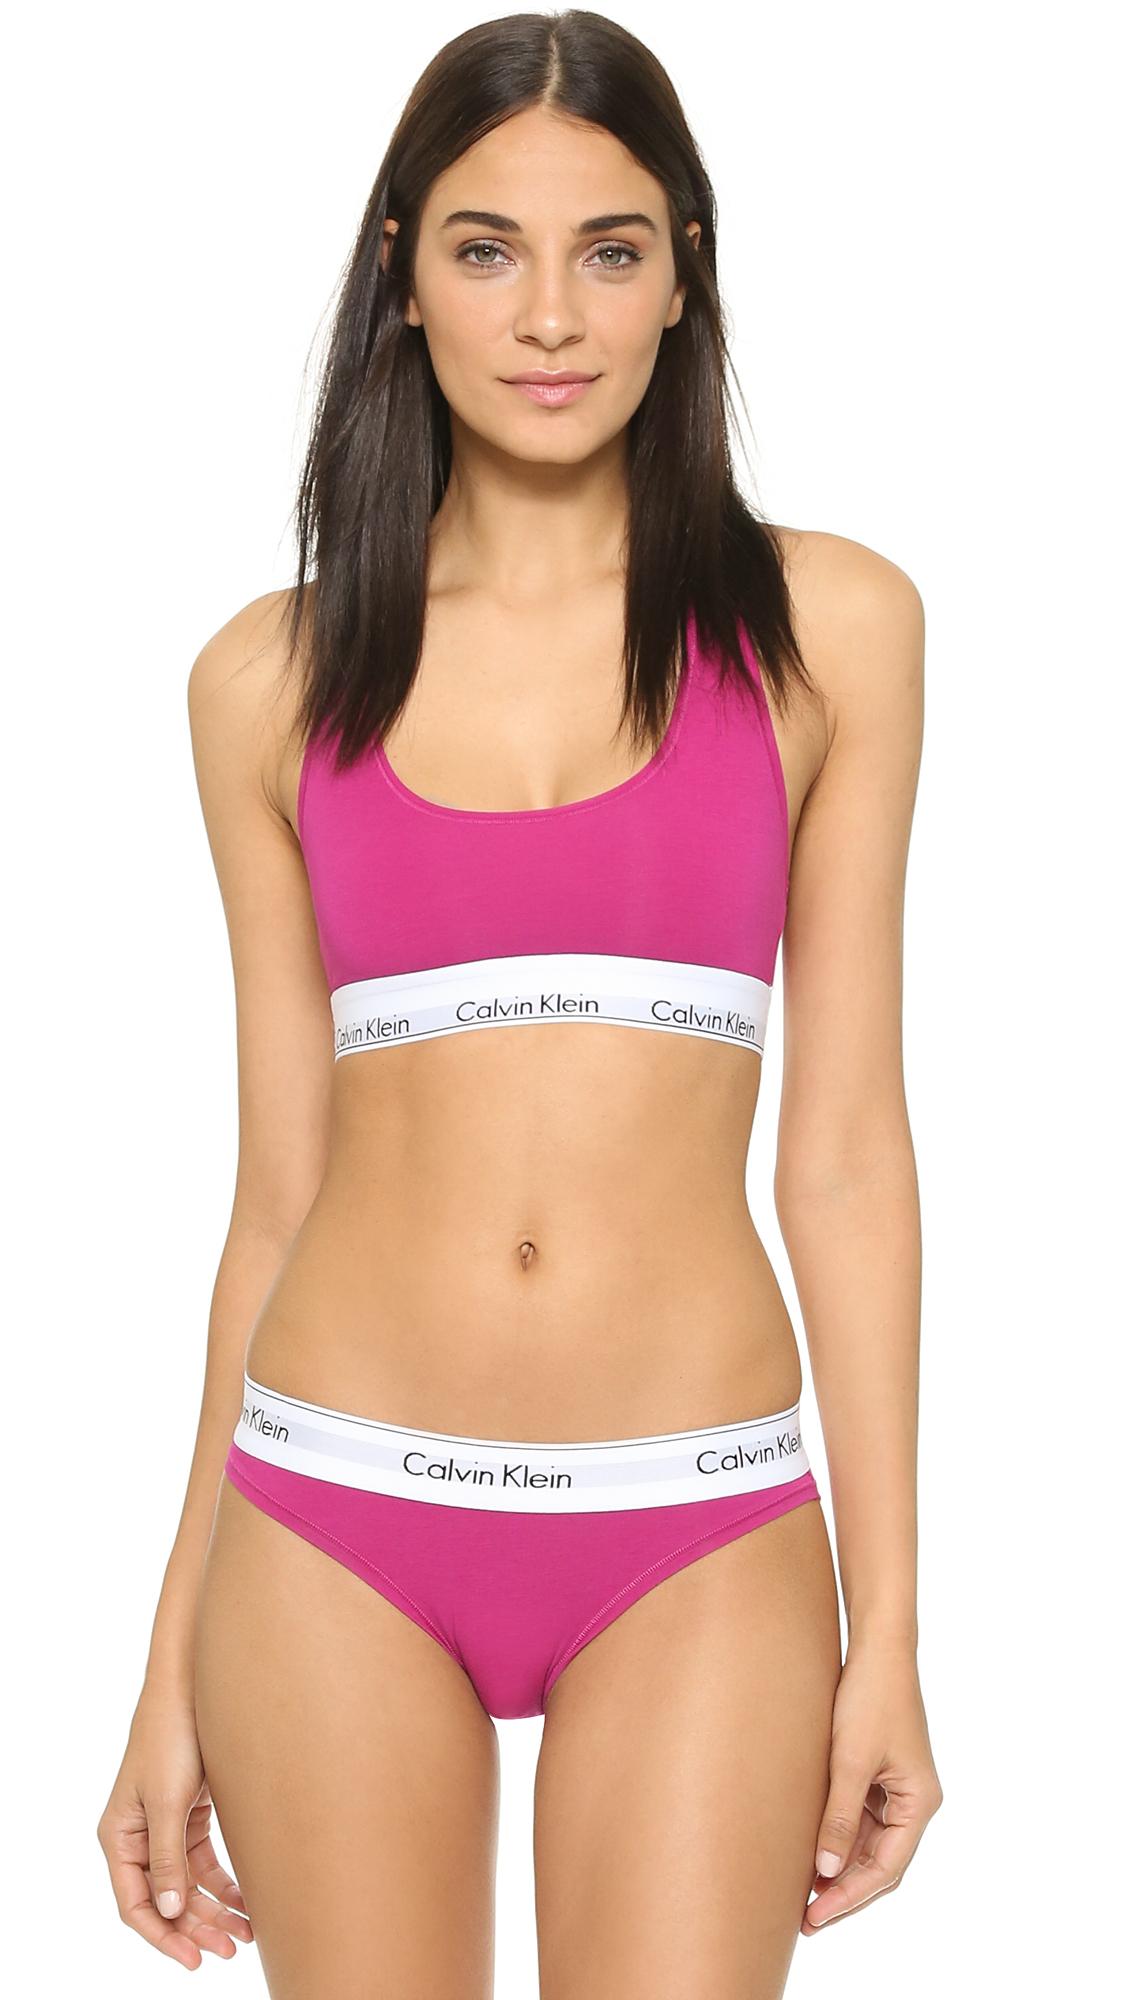 62cec0814b2 Lyst - Calvin Klein Modern Cotton Bralette - Black Foil in Pink